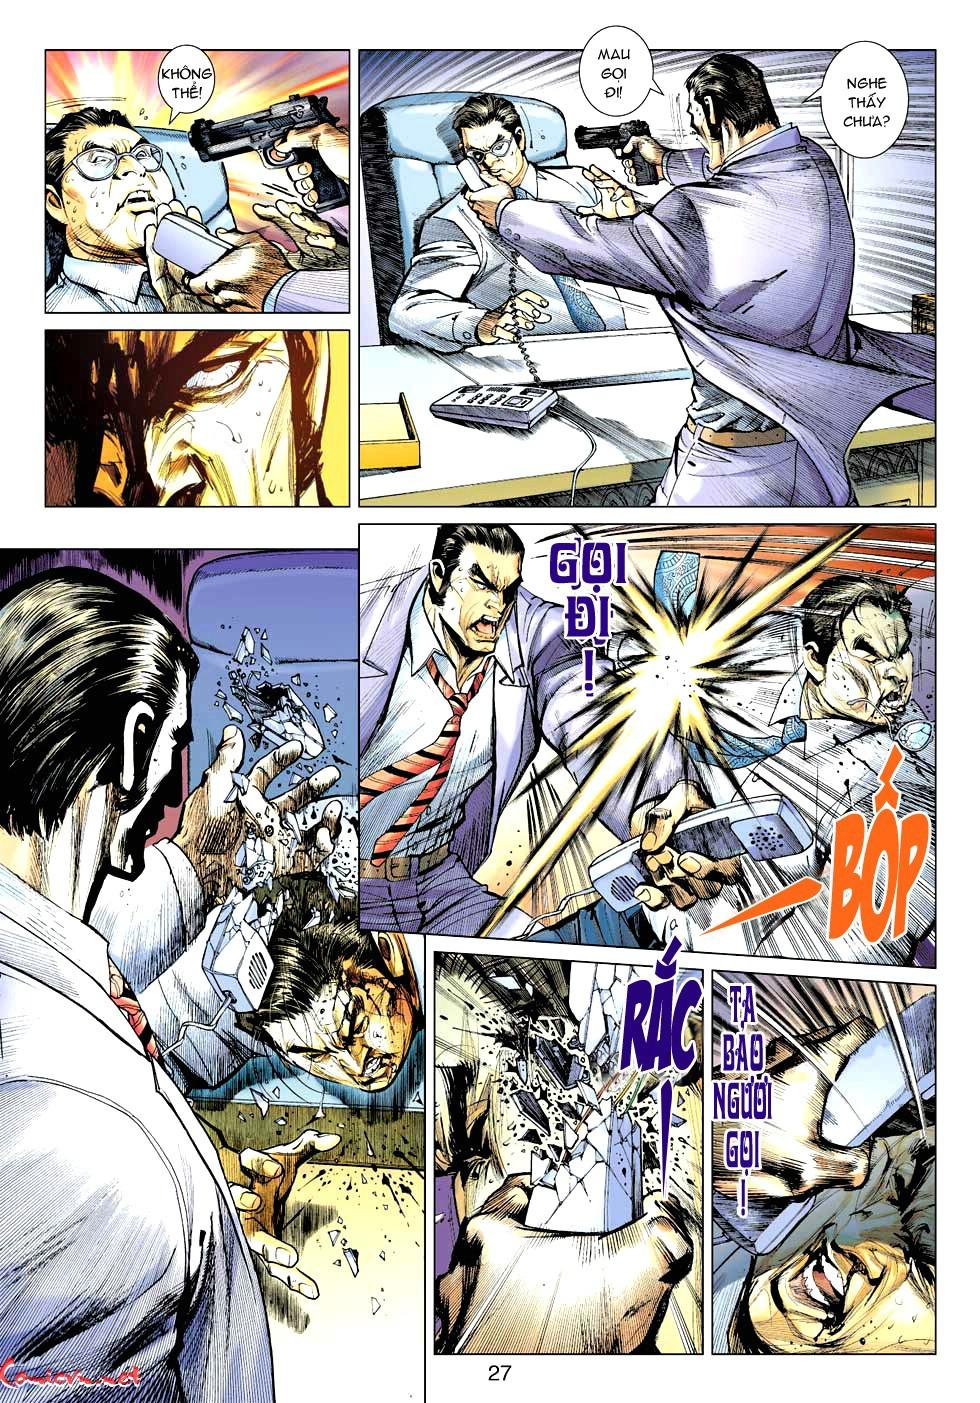 Vương Phong Lôi 1 chap 32 - Trang 26